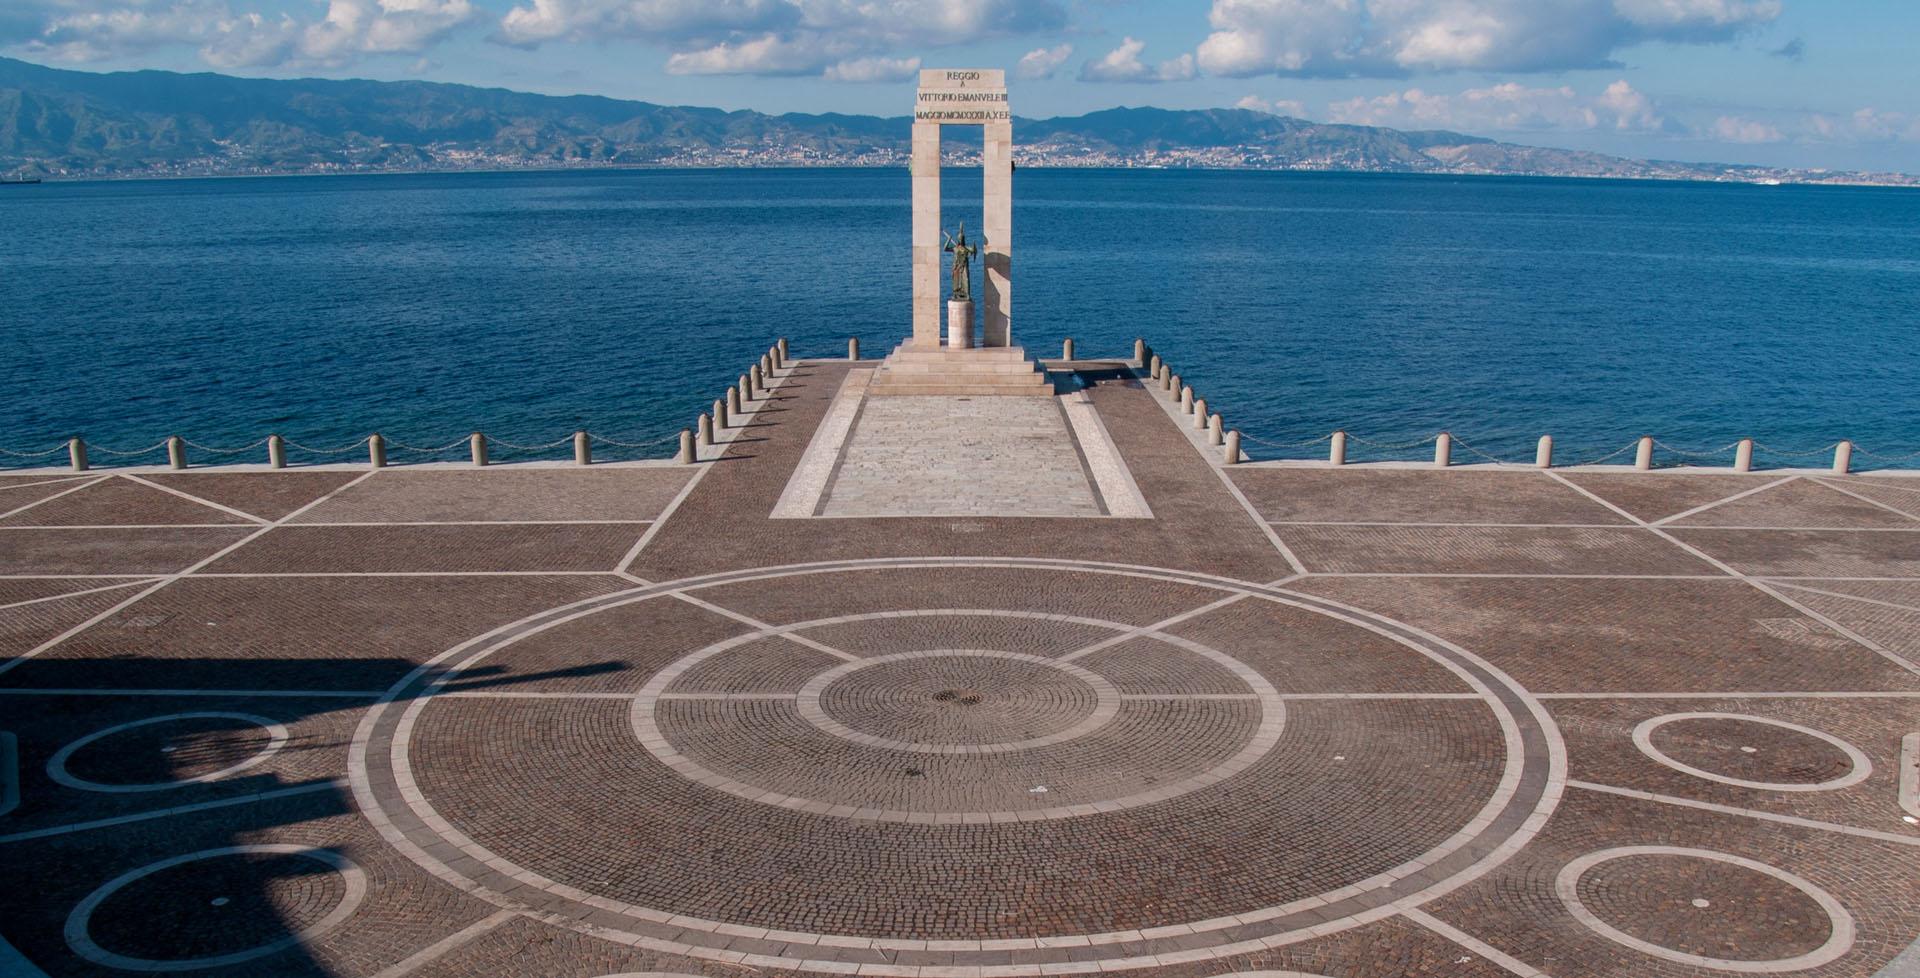 Castrizio: «Alla ricerca del porto antico della Reggio greca»